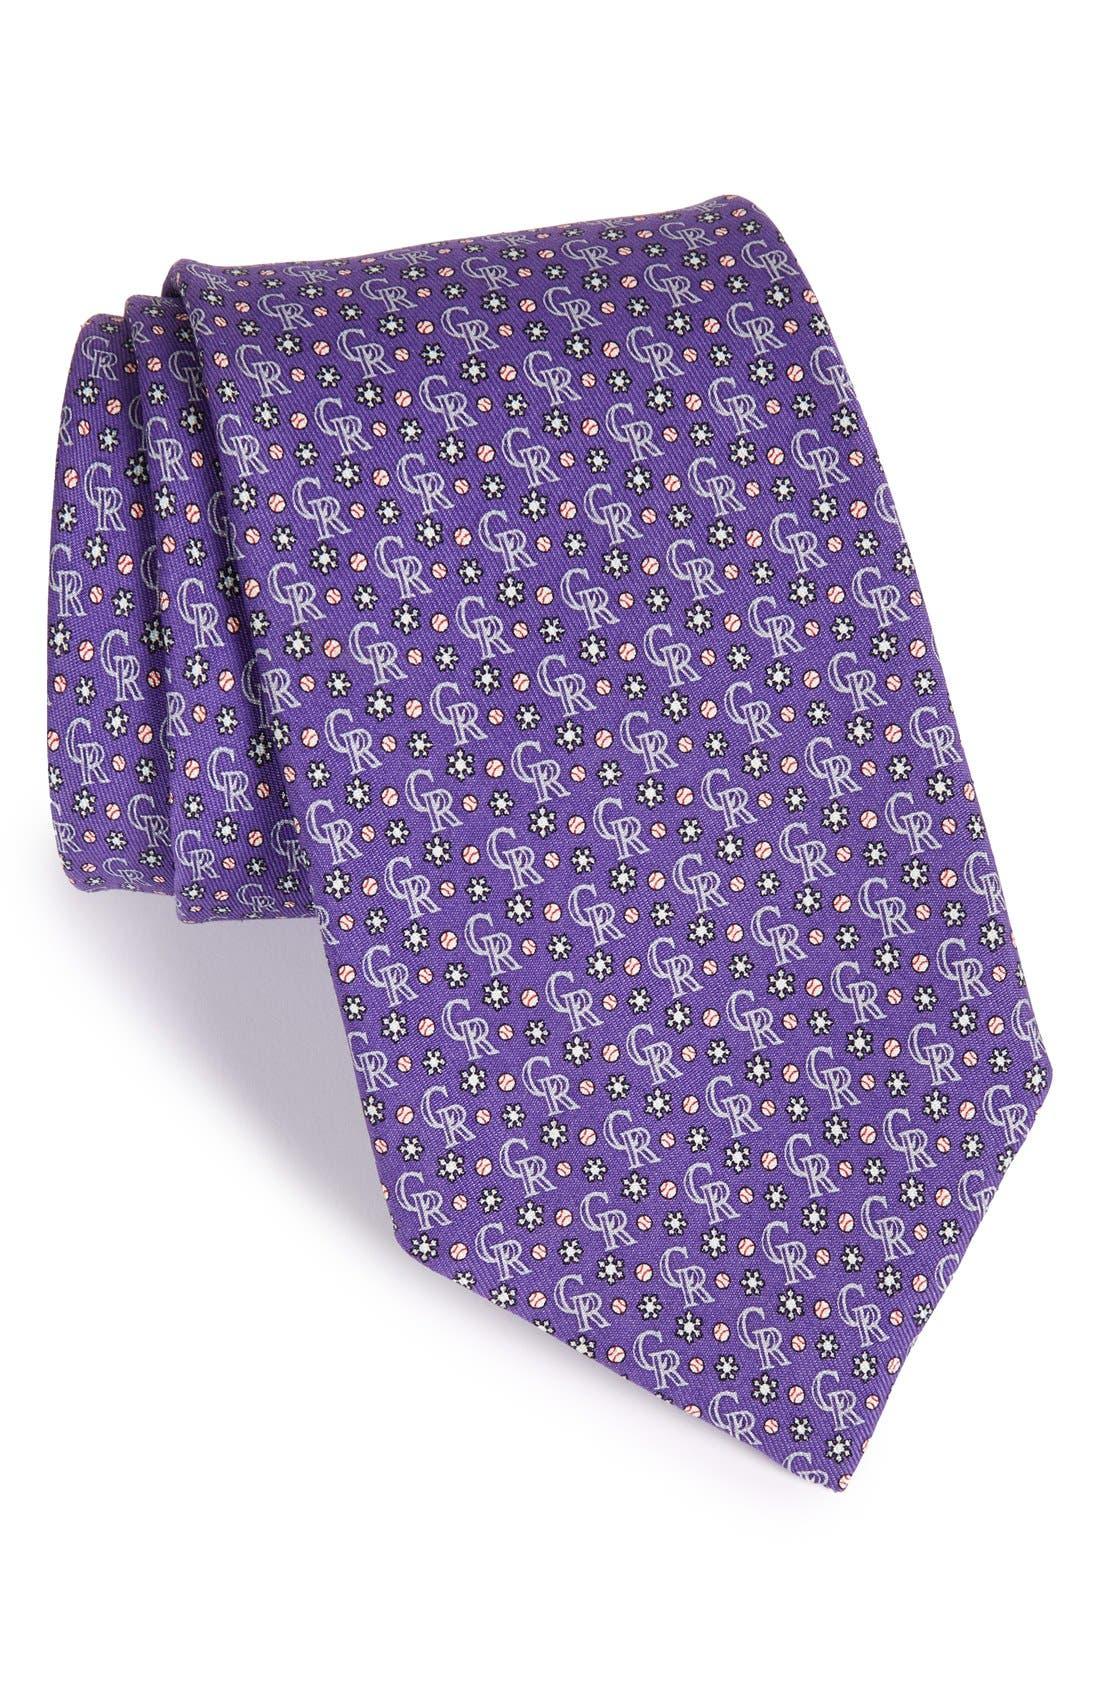 'Colorado Rockies' Woven Silk Tie,                         Main,                         color,